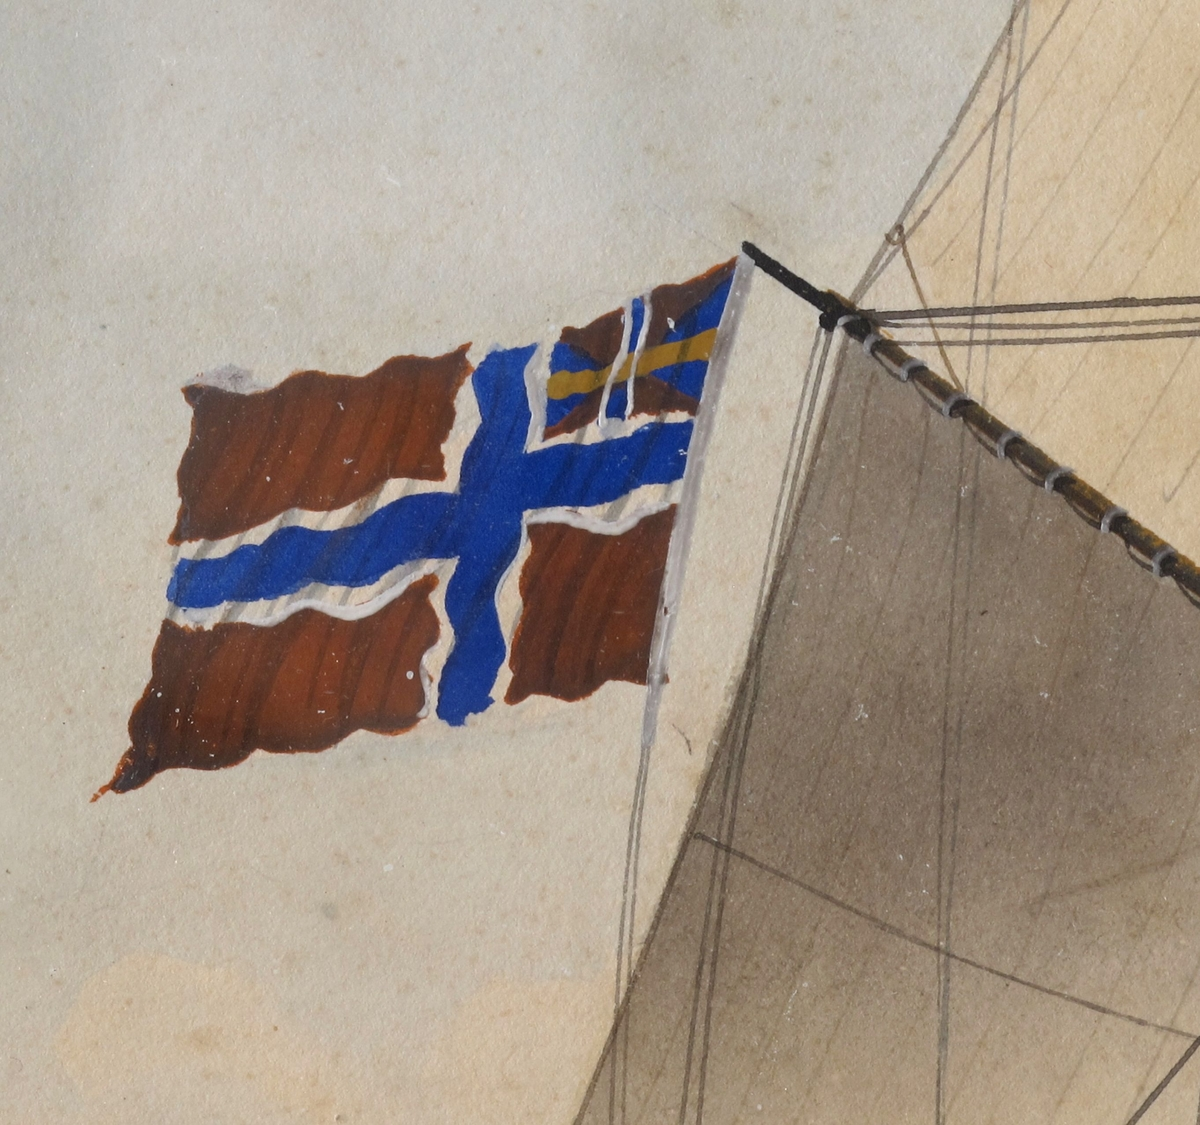 """Bark Veritas af Arendal, ført av Capt. H. A. Andersen. For fulle seil mot høyre, unionsflagg  under gaffelen blå vimpel m. """"Veritas"""" i hvitt, blått, rødt flagg m. N. 44  i hvitt felt. Sign. n. t. h. Tekst i marg under bildet."""